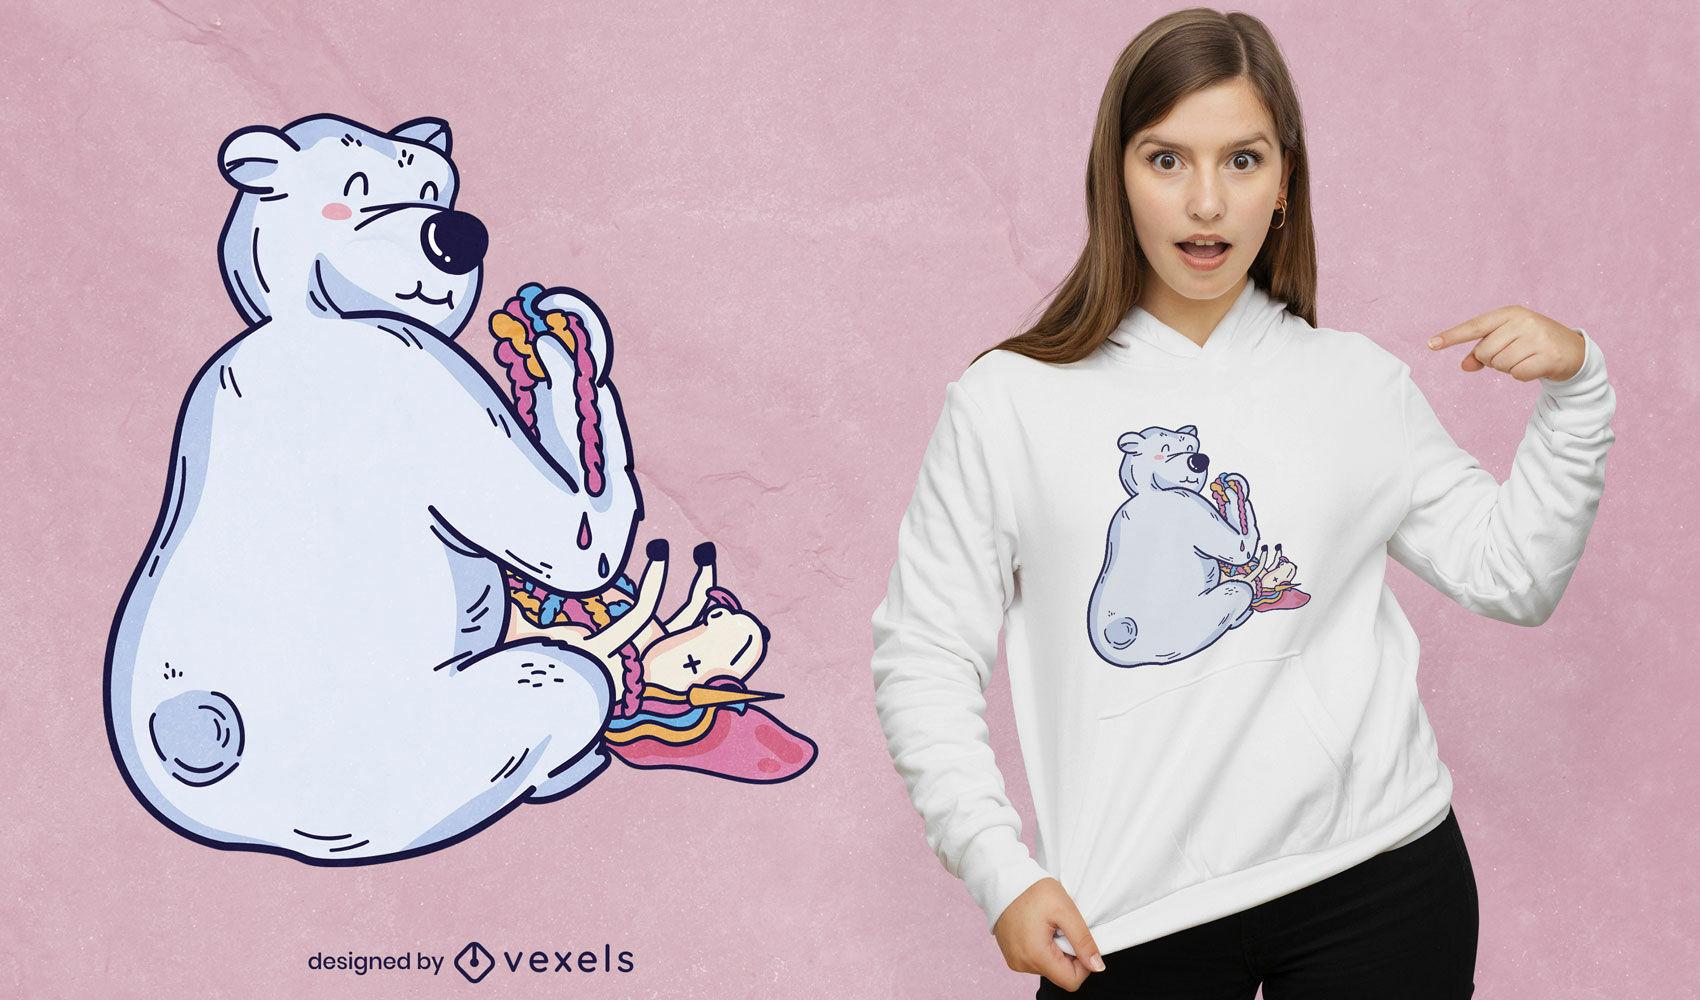 Dise?o de camiseta de oso polar comiendo unicornio